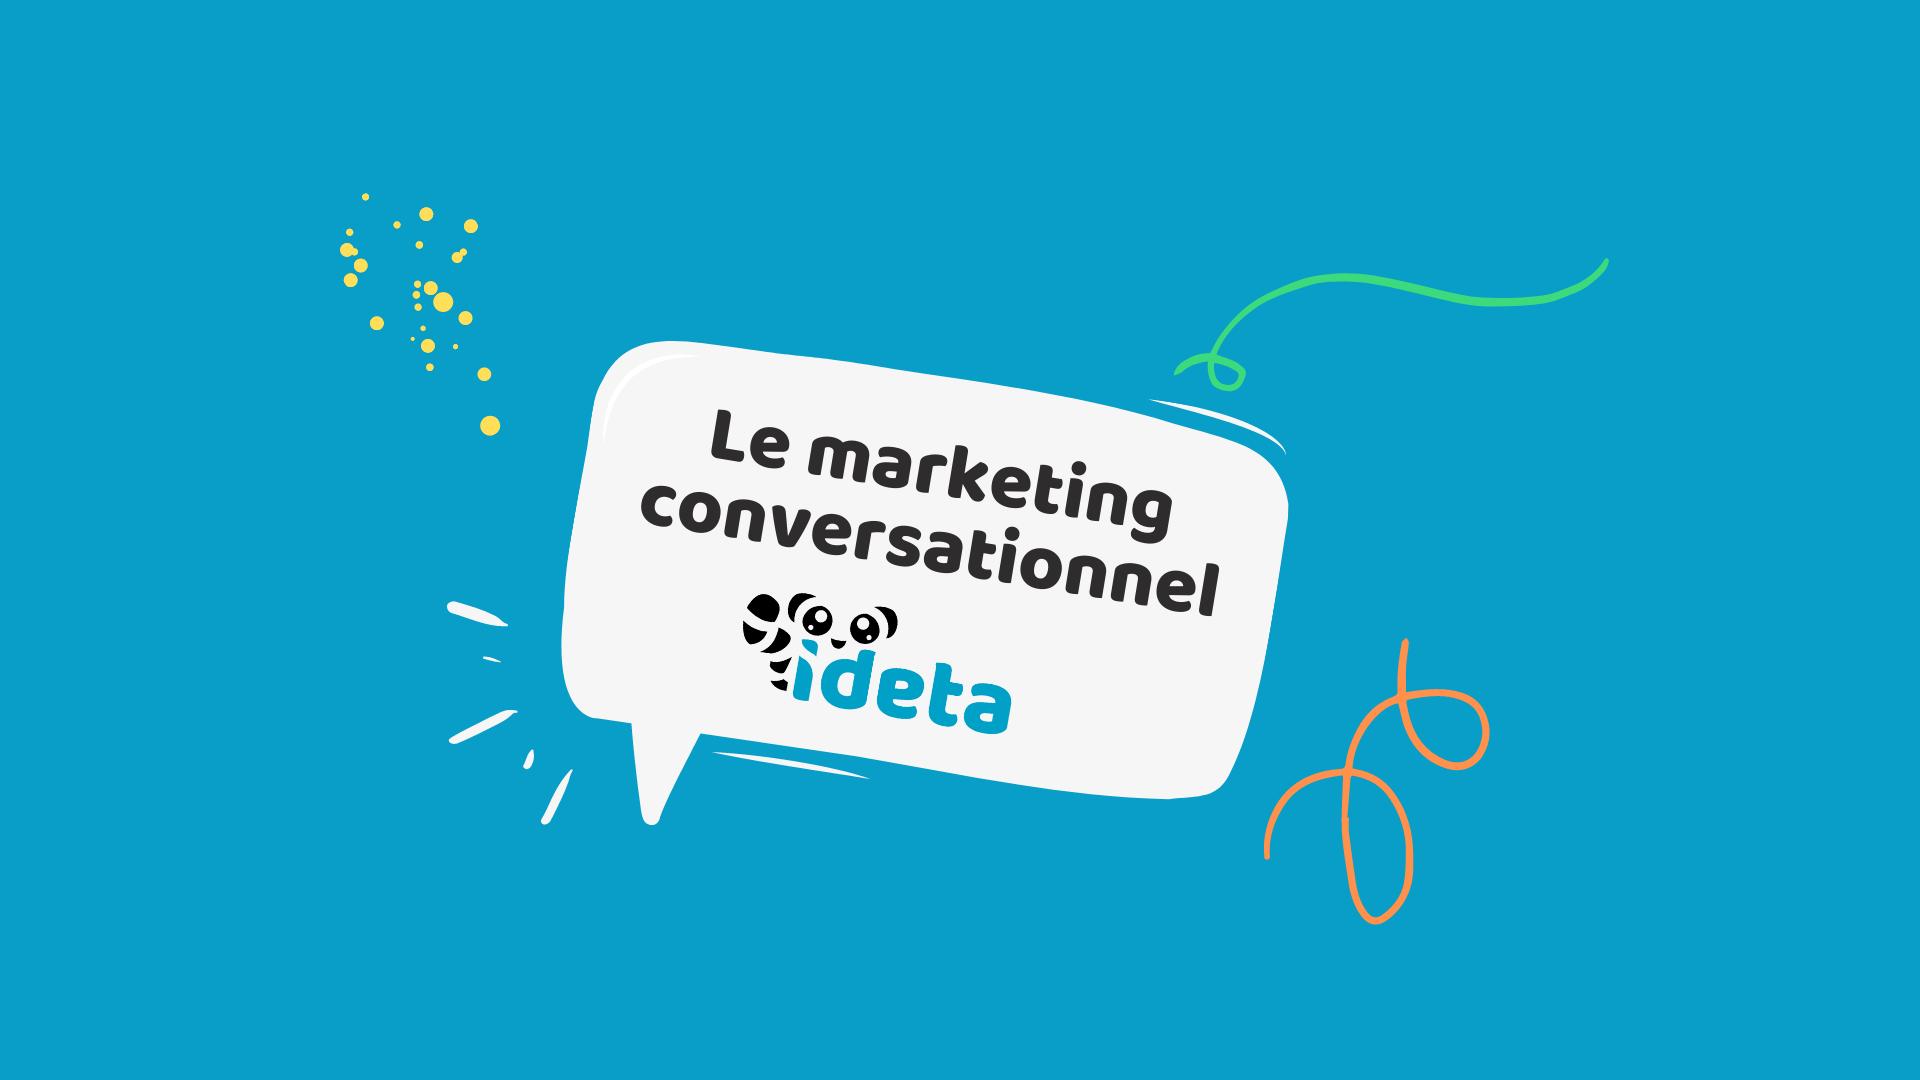 Mettre en place une stratégie de marketing conversationnel